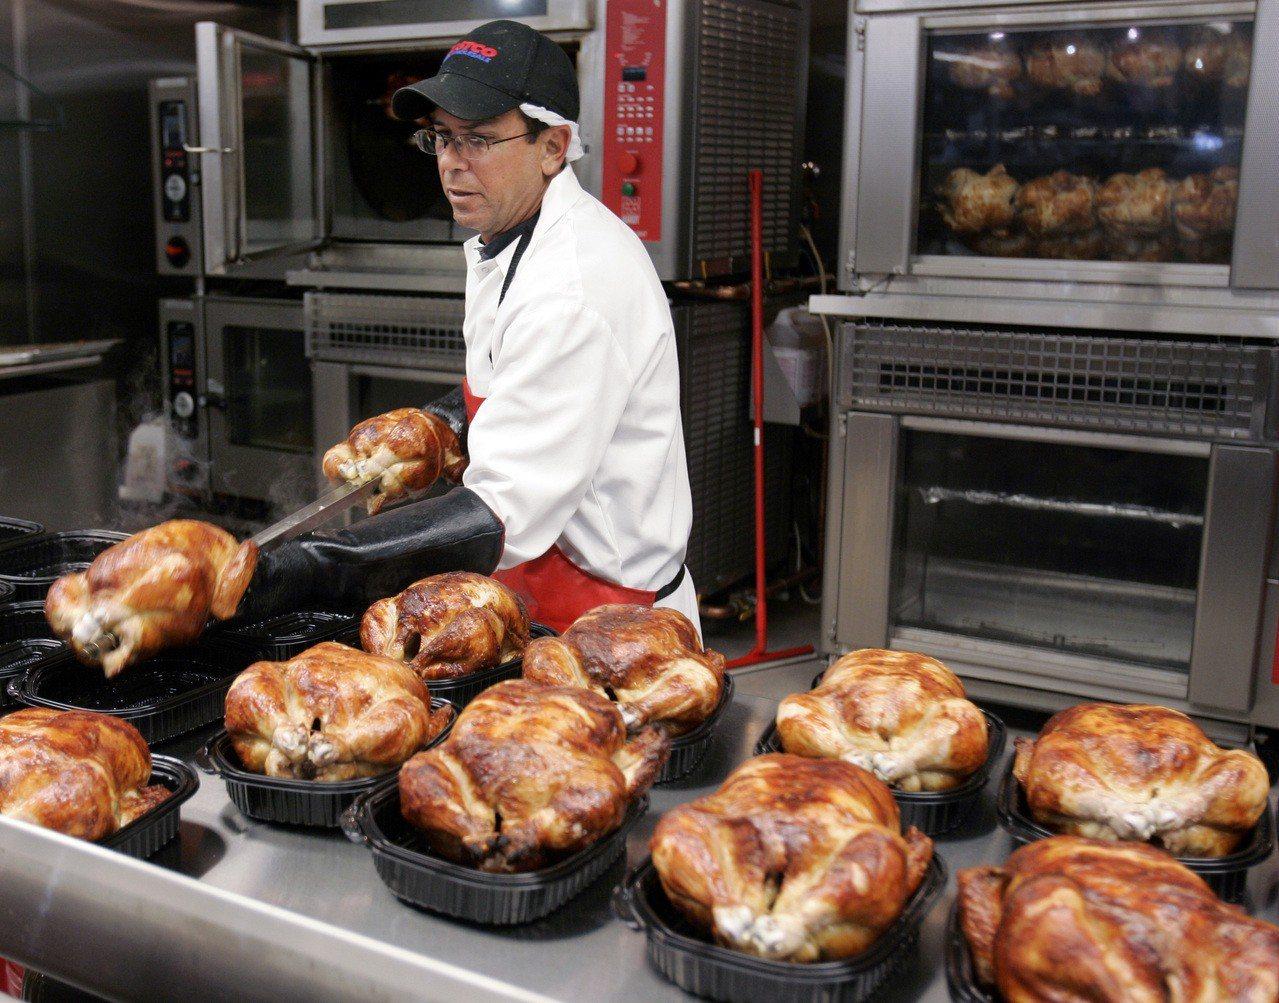 量販店好市多(Costco)的鎮店之寶-烤雞。圖/美聯社